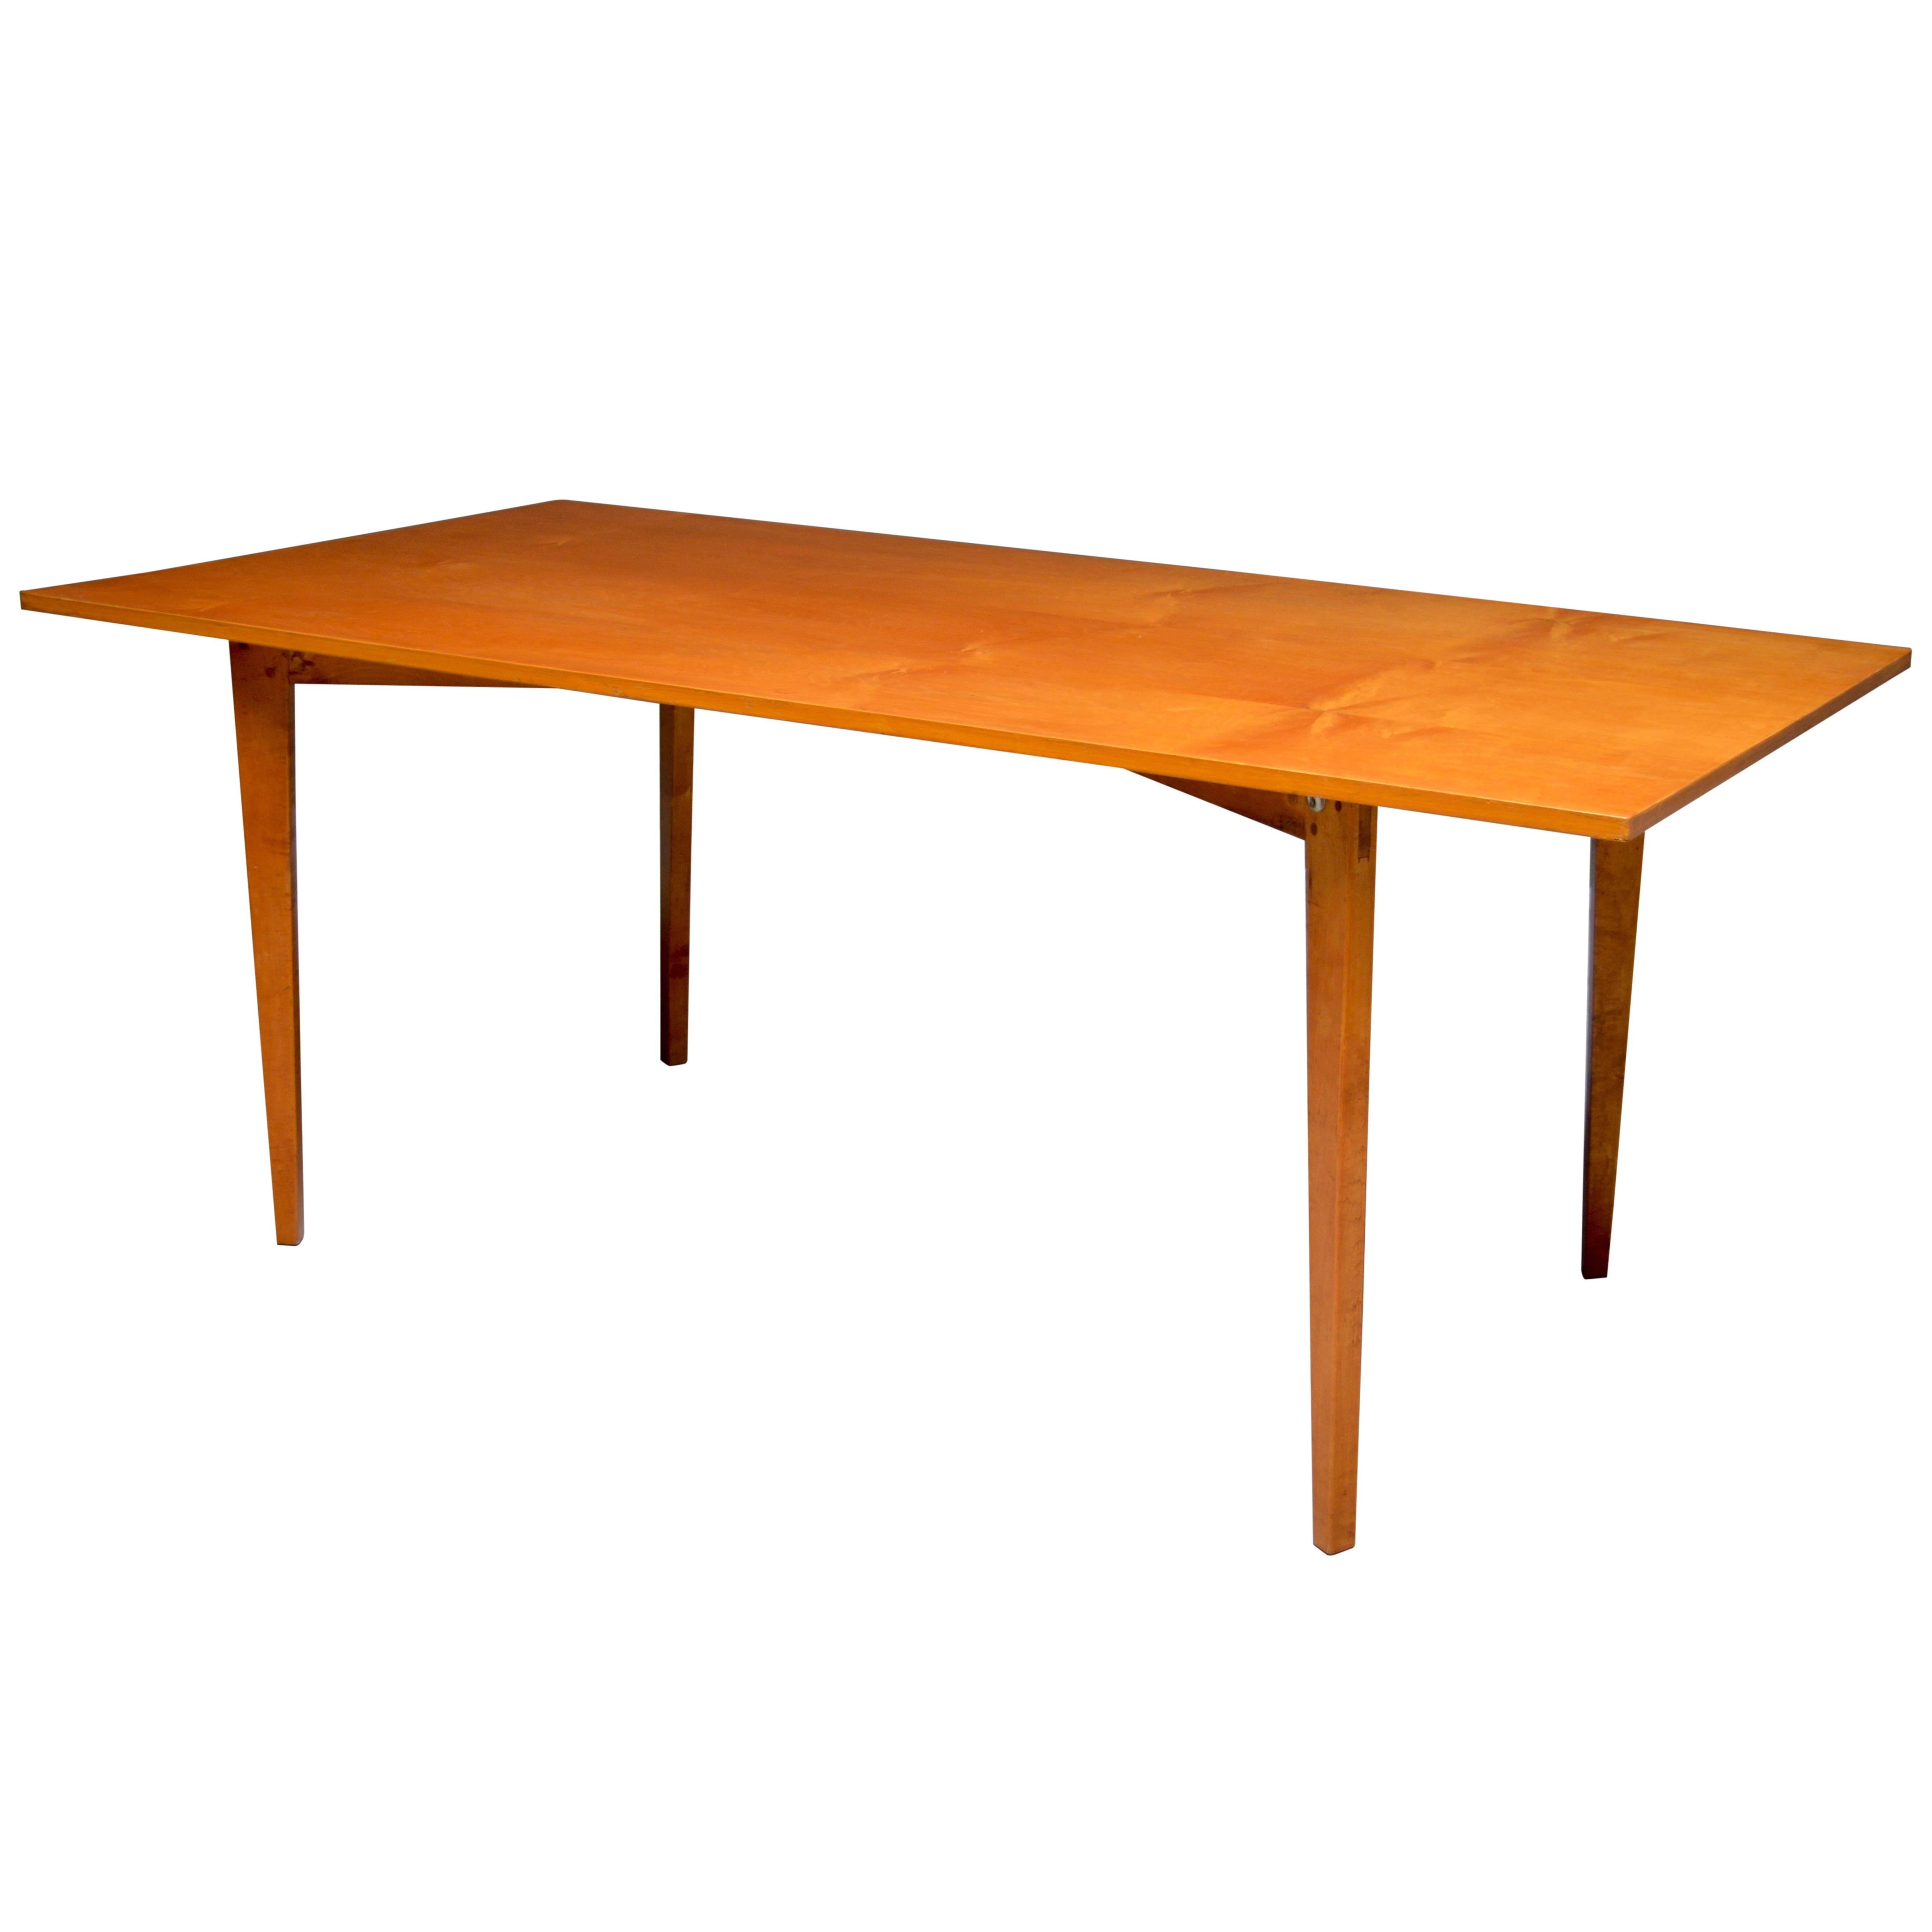 Paul McCobb Table